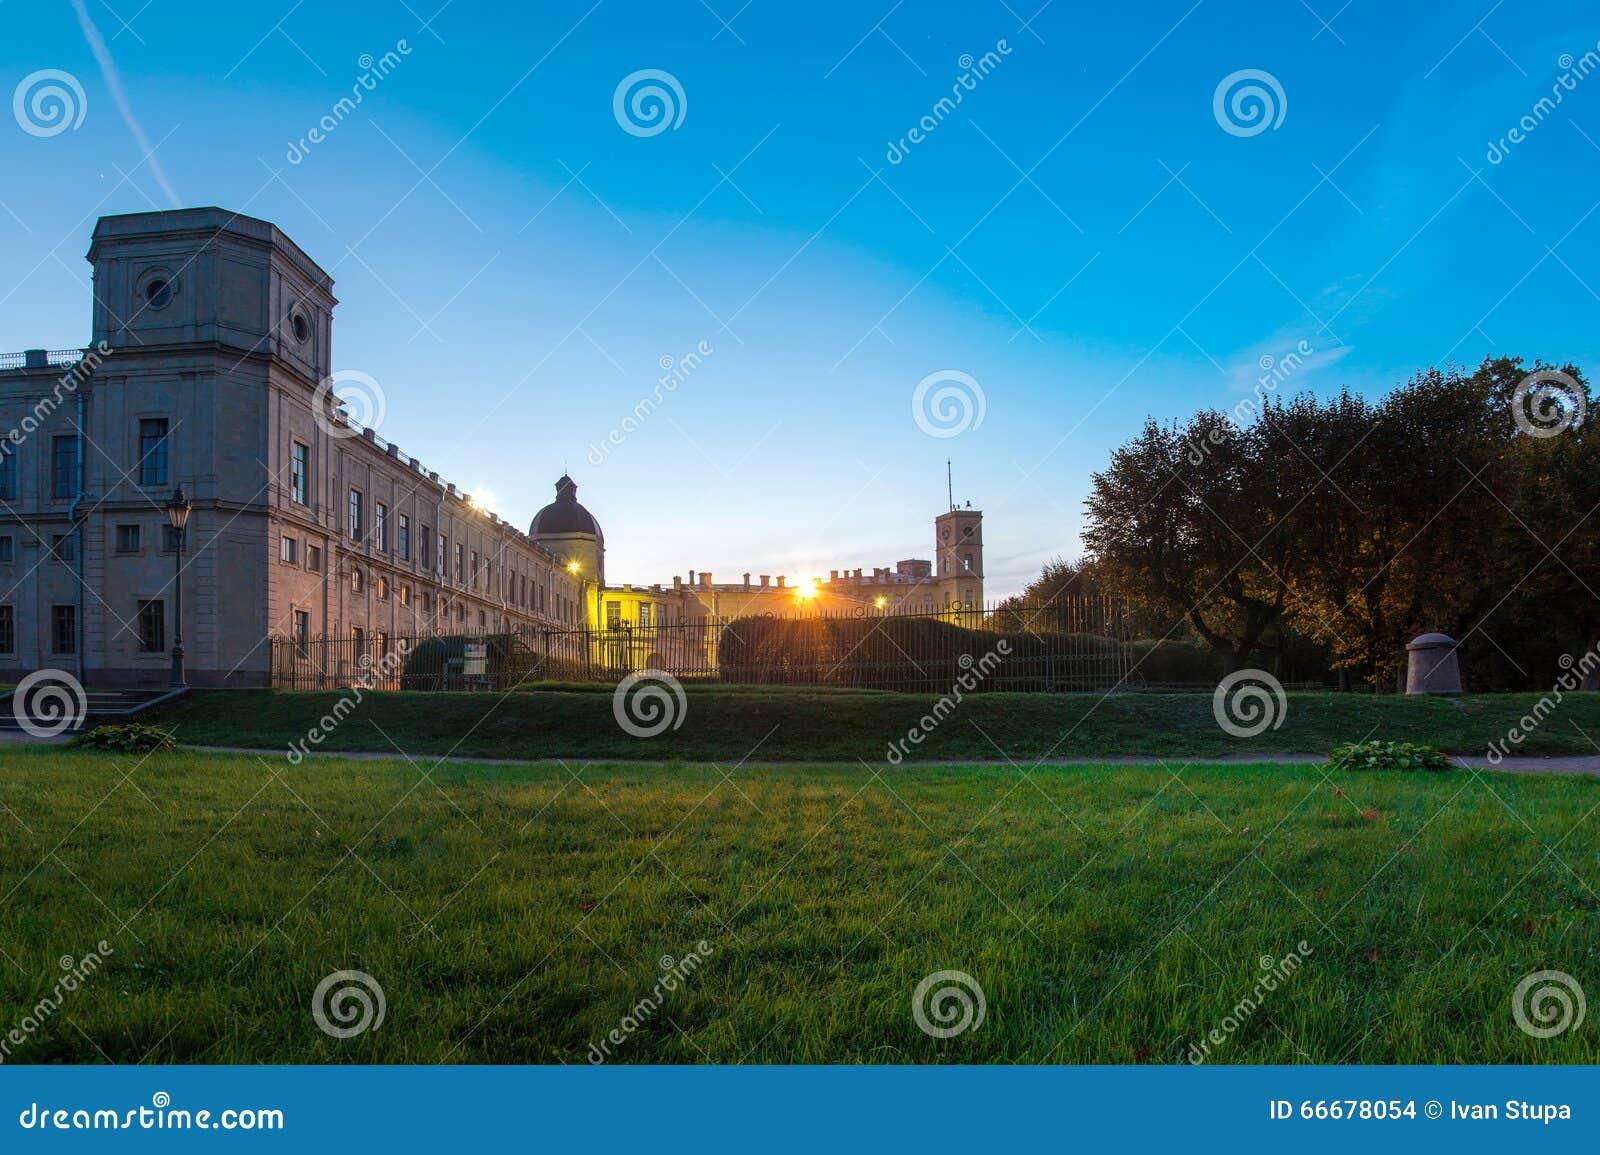 12 Σεπτεμβρίου 2014, παλάτι της Γκάτσινα, Ρωσία, το μεγάλο Γκάτσινα, νύχτα